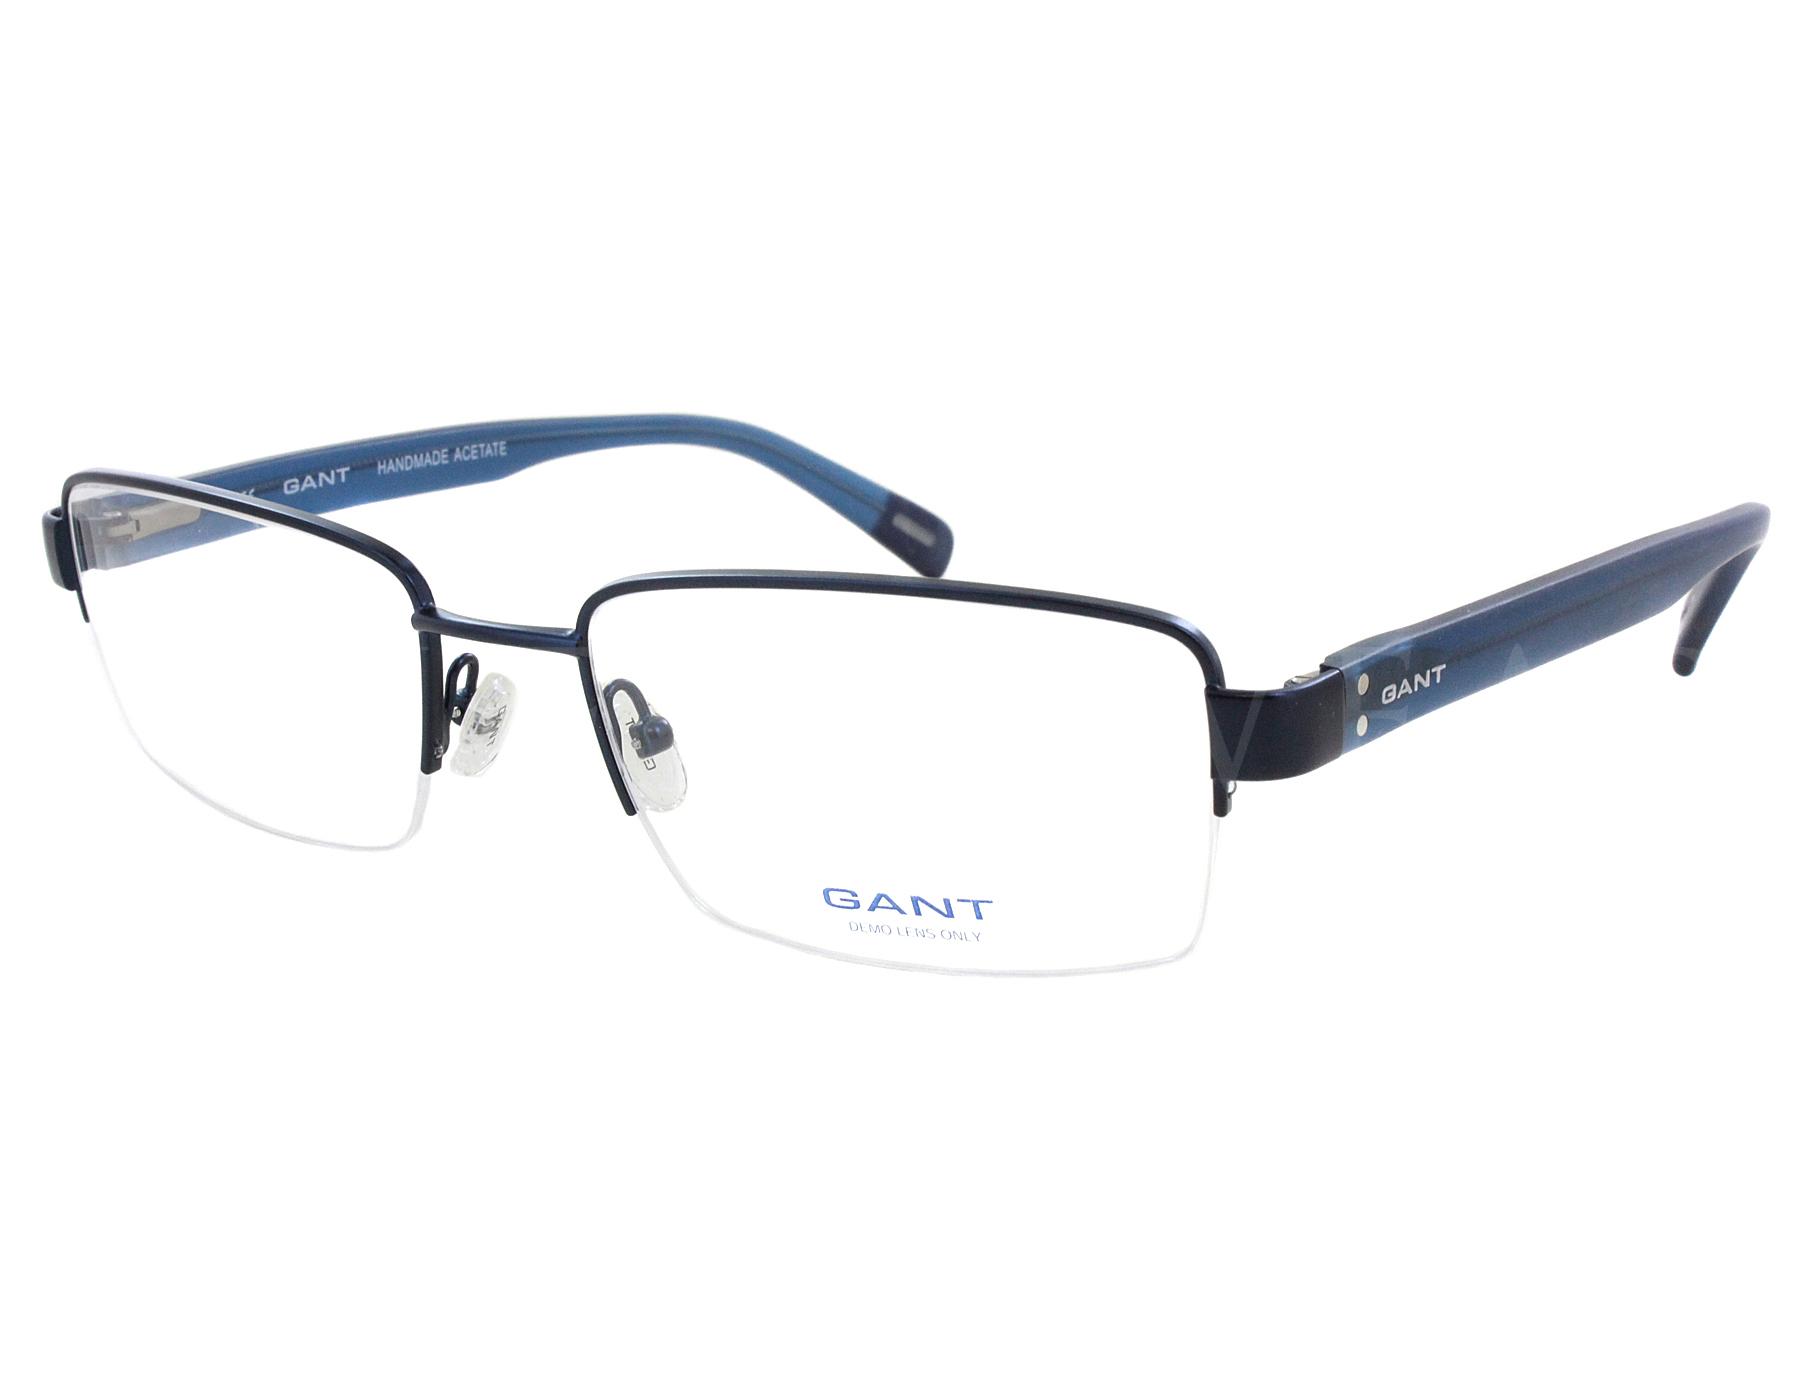 NEW Gant G 3040 R58 57mm Shiny Navy Optical Eyeglasses Frames ...